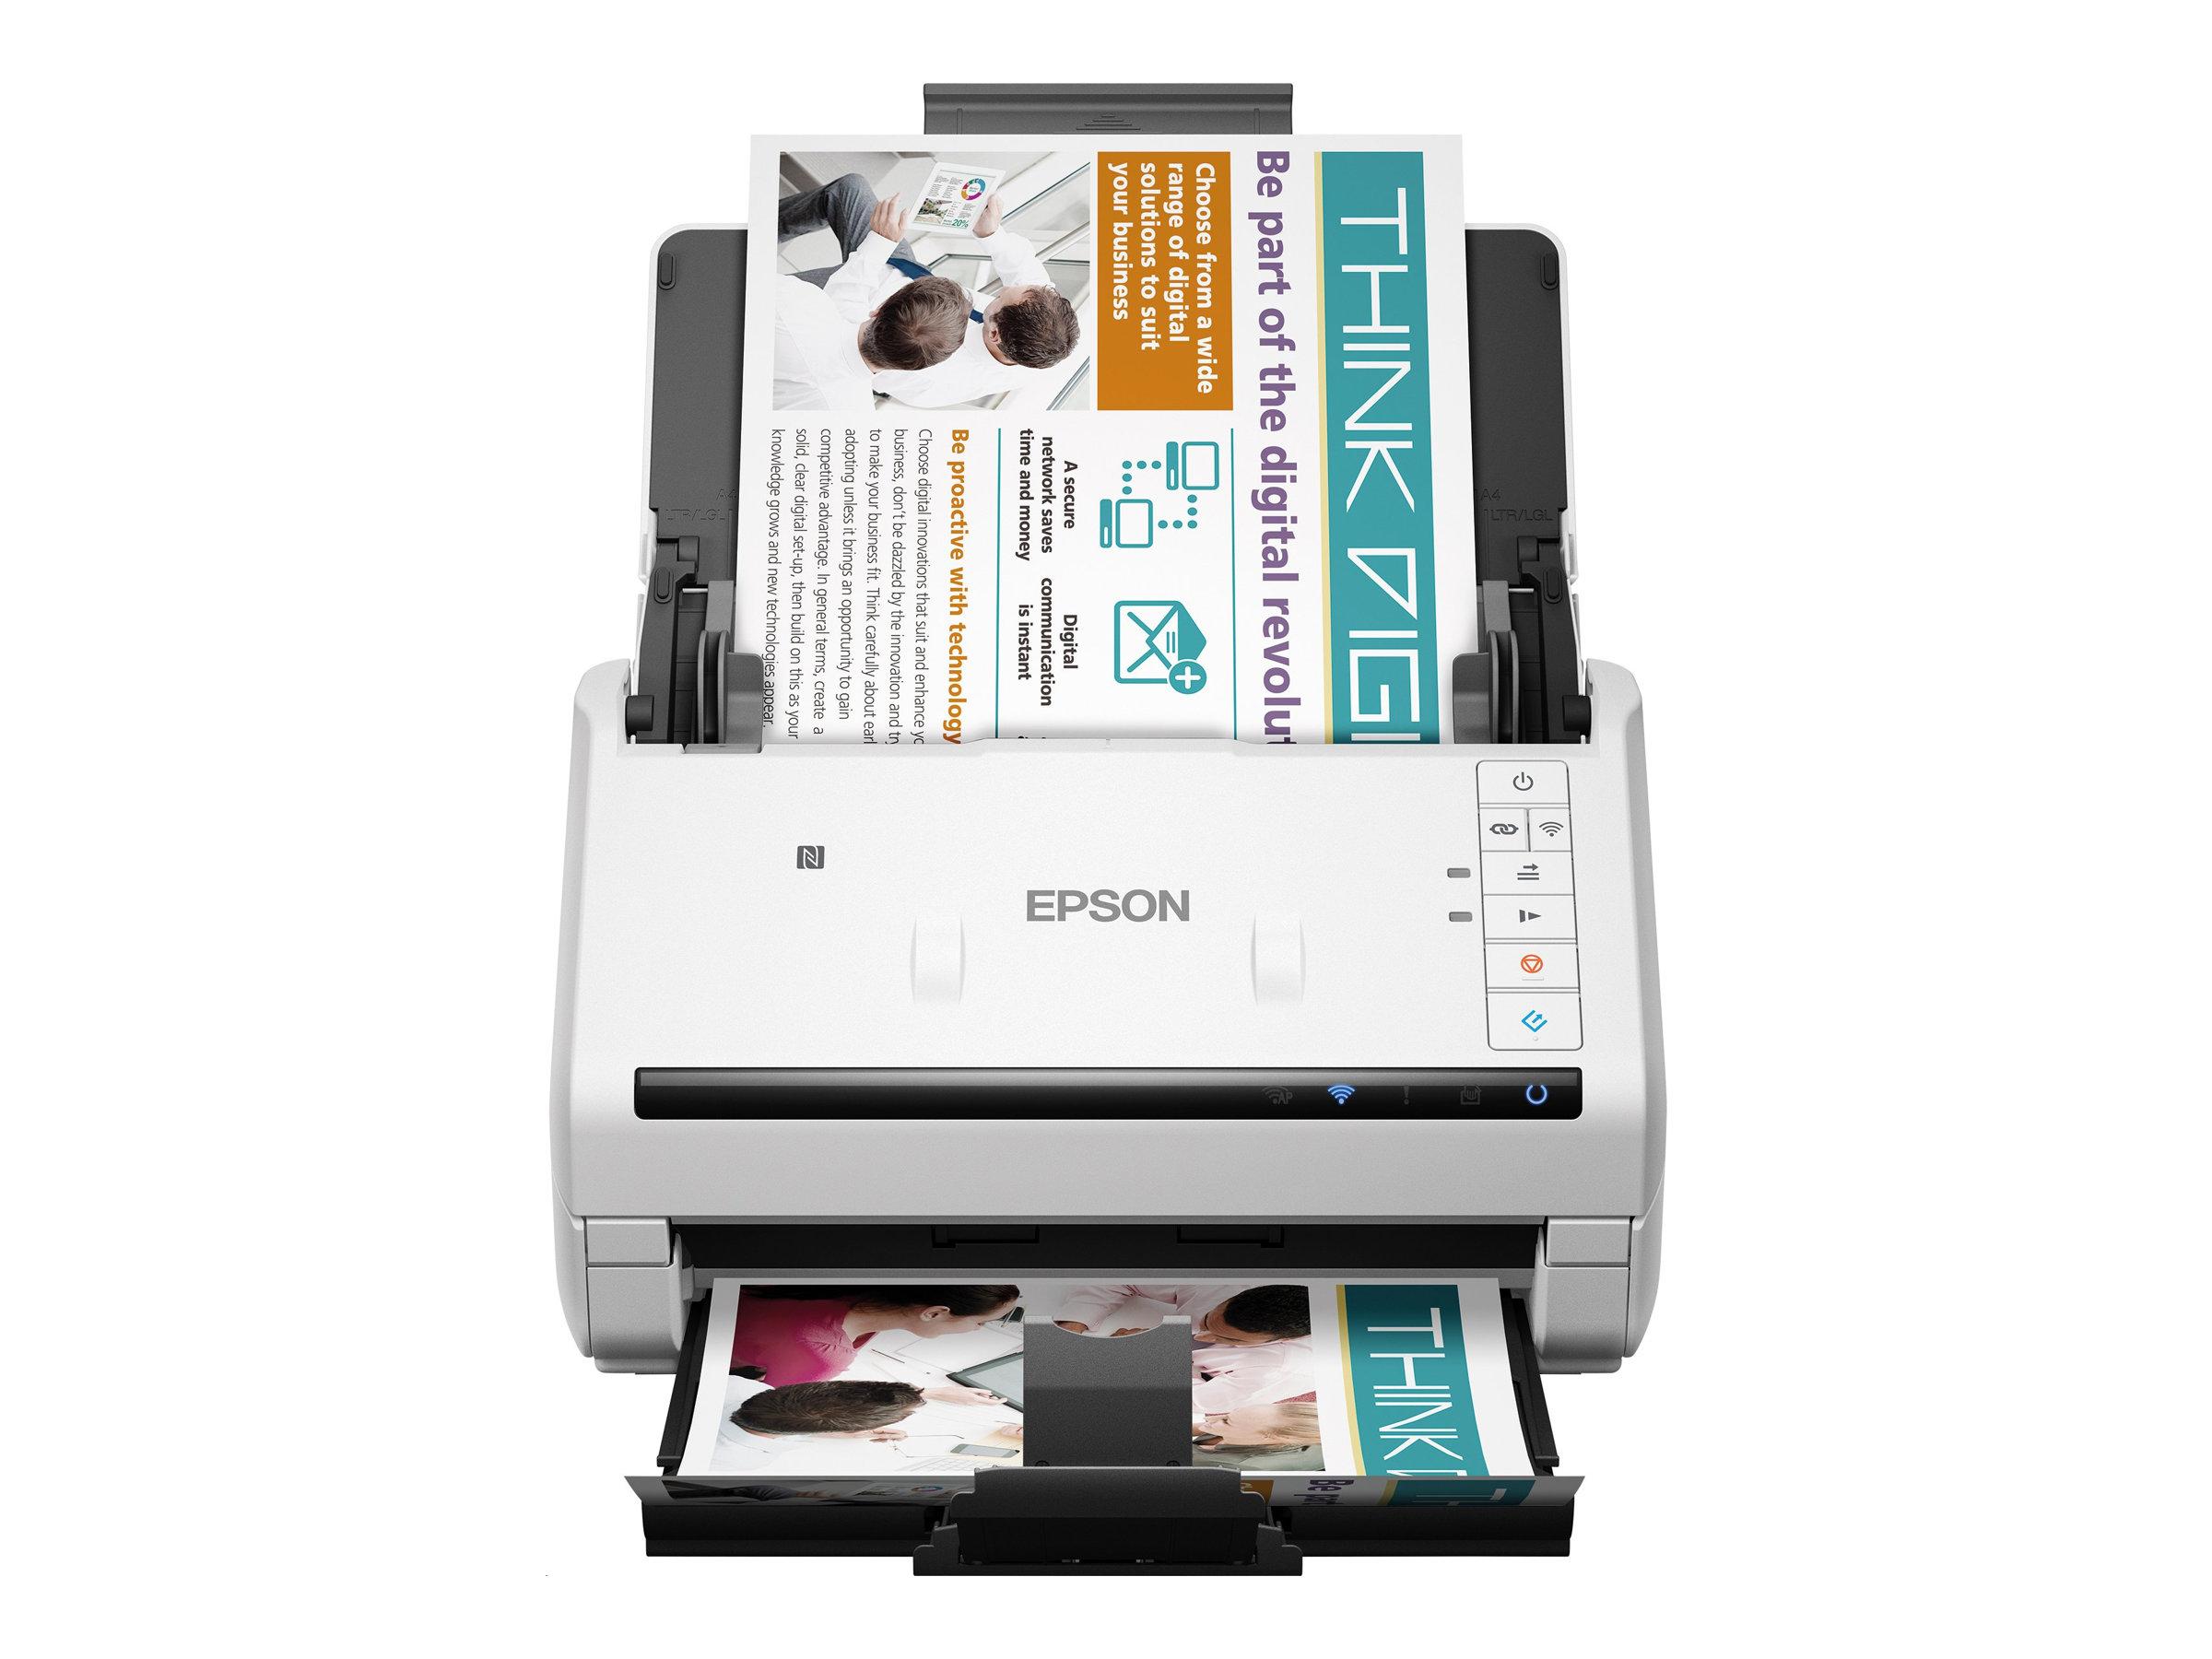 Epson WorkForce DS-570W - Dokumentenscanner - Duplex - A4/Legal - 600 dpi x 600 dpi - bis zu 35 Seiten/Min. (einfarbig) / bis zu